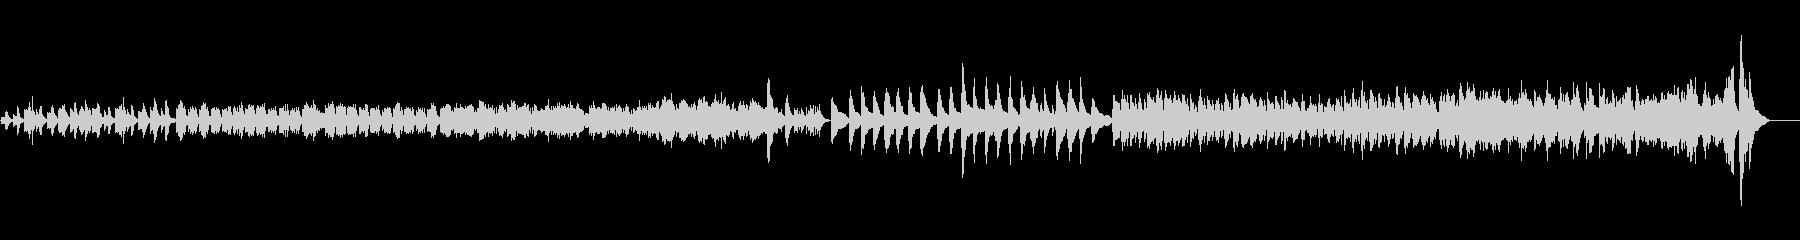 ハープのバロック風の幻想的な曲の未再生の波形